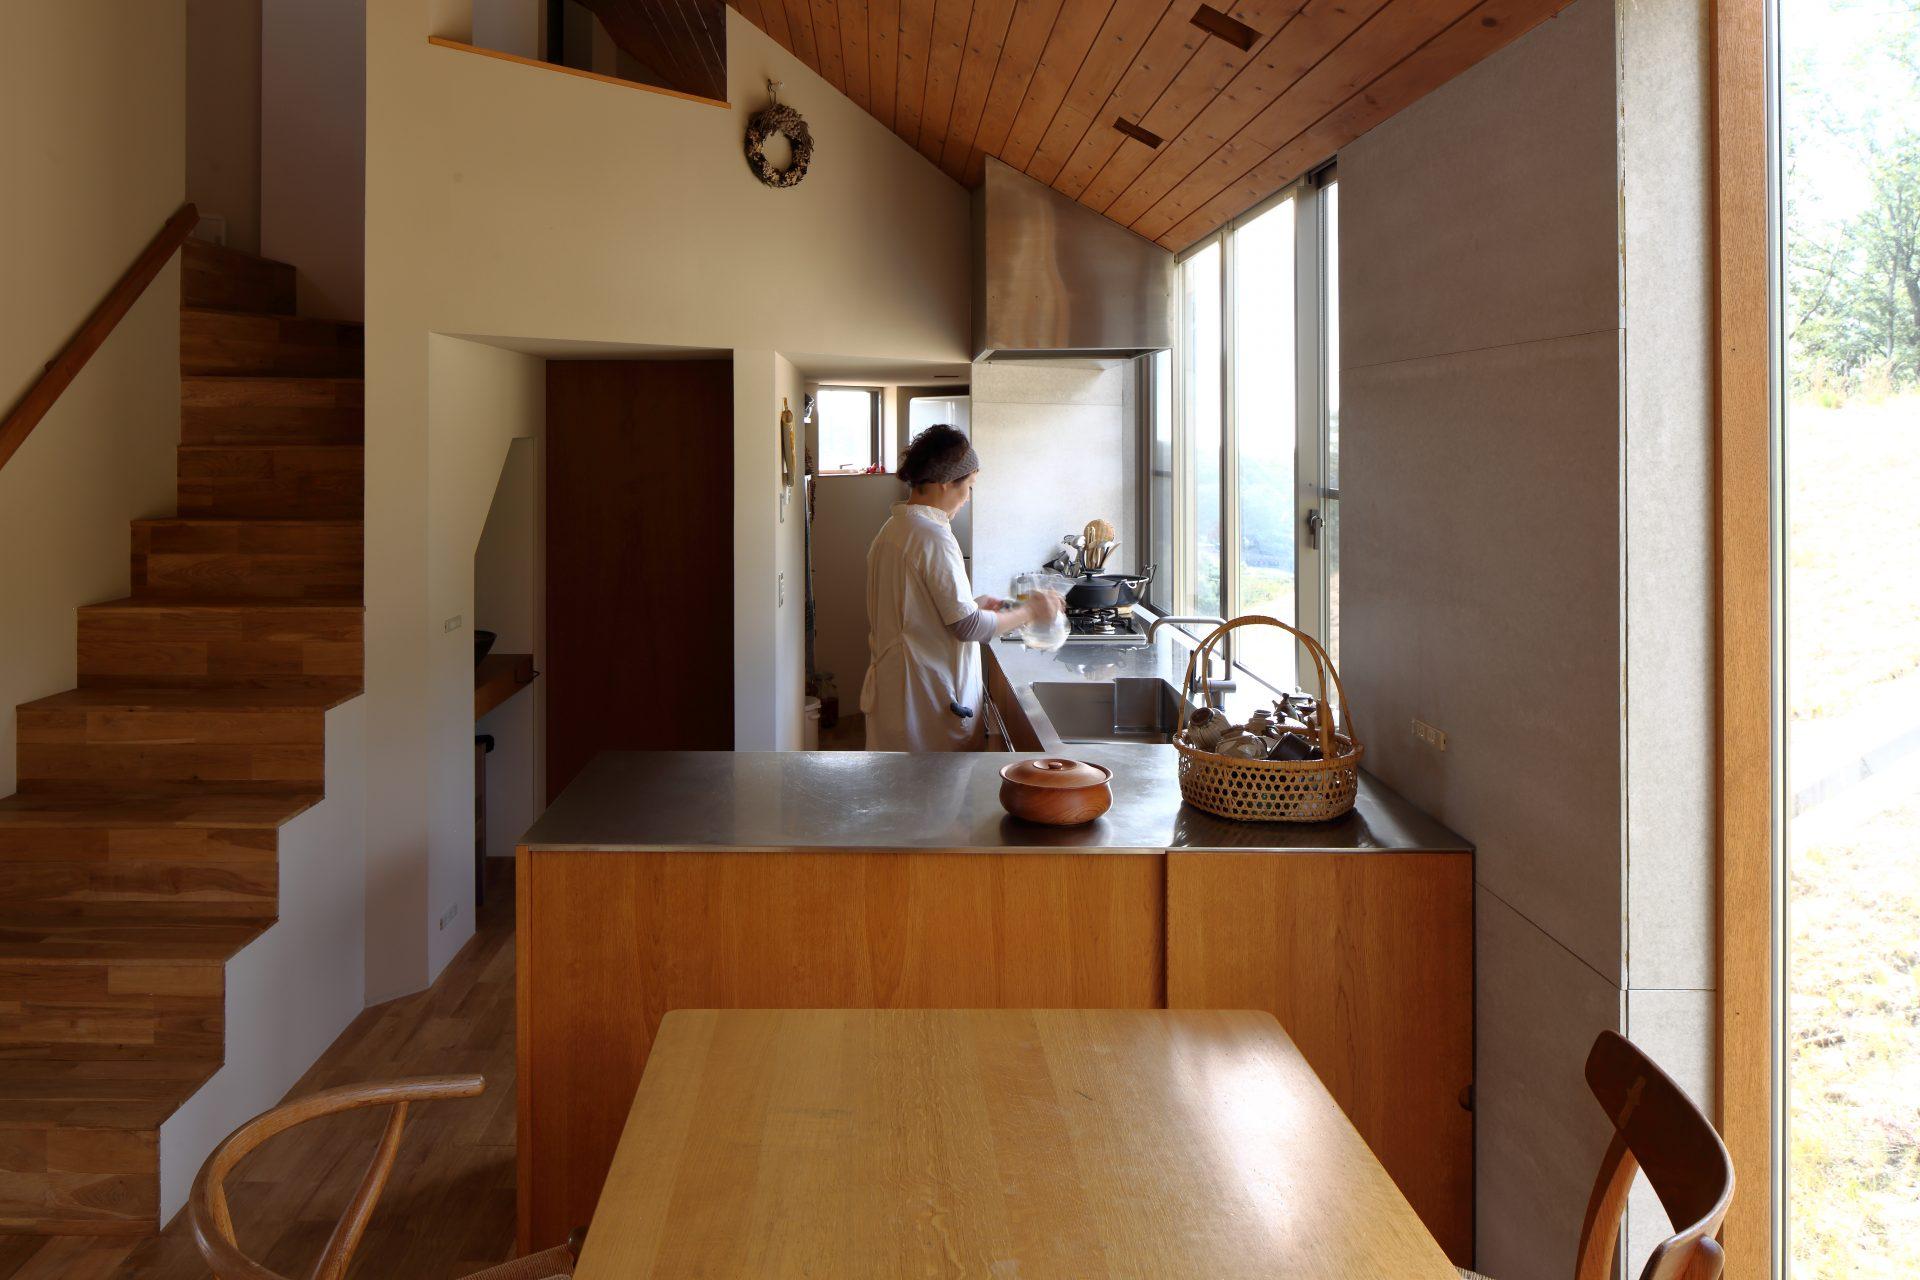 兵庫神戸北の家のダイニングキッチン06